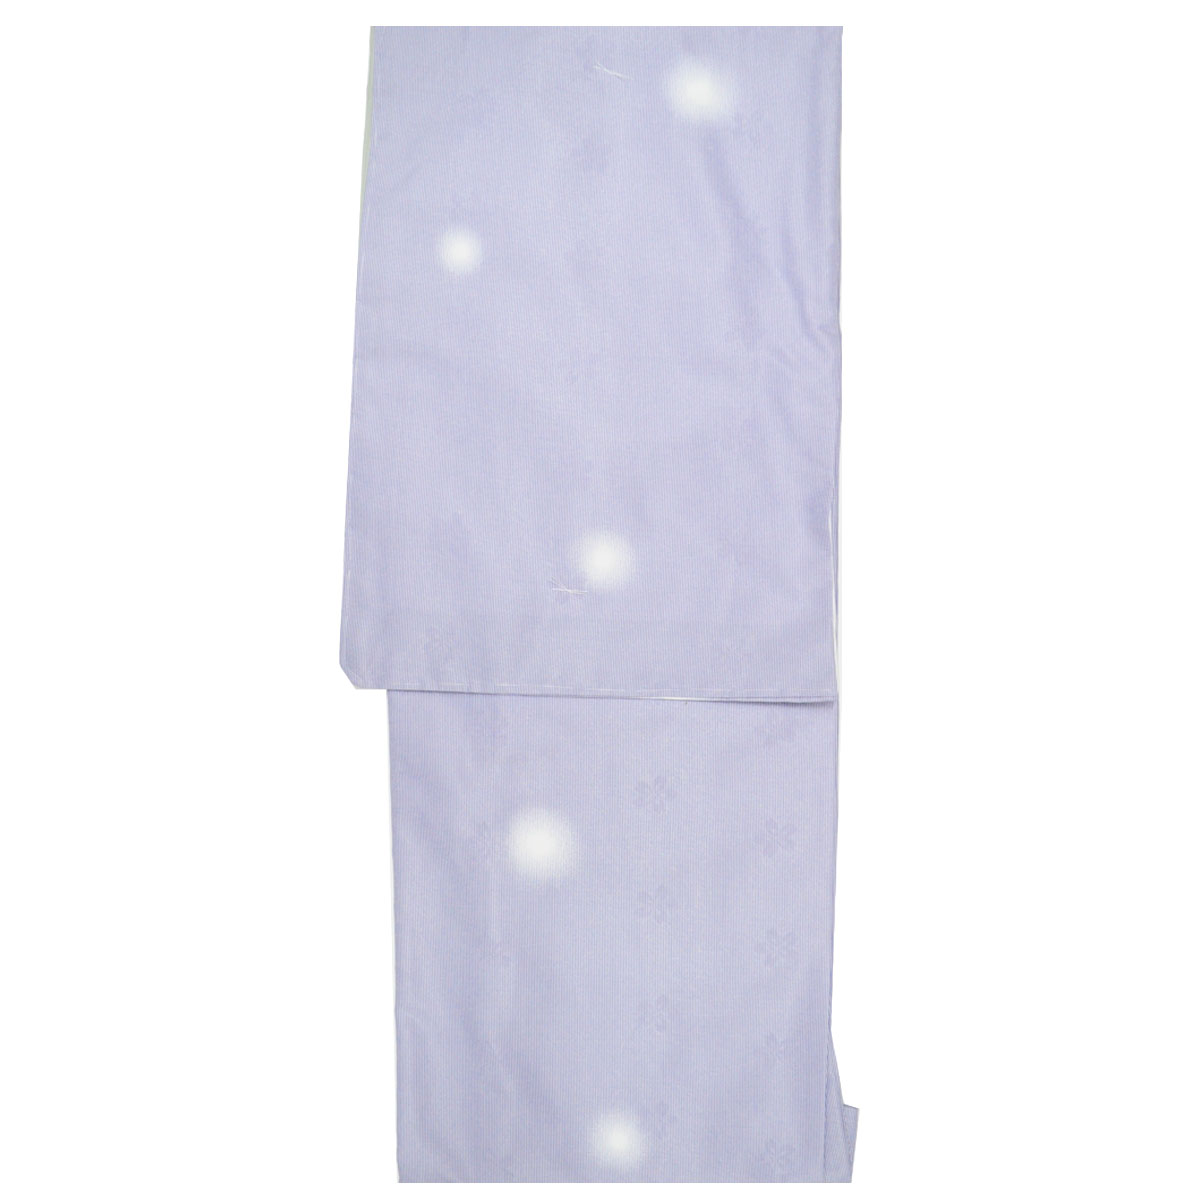 洗える着物 袷 単品【Lサイズ】洗える着物 普段着 小紋 番号f1008-300